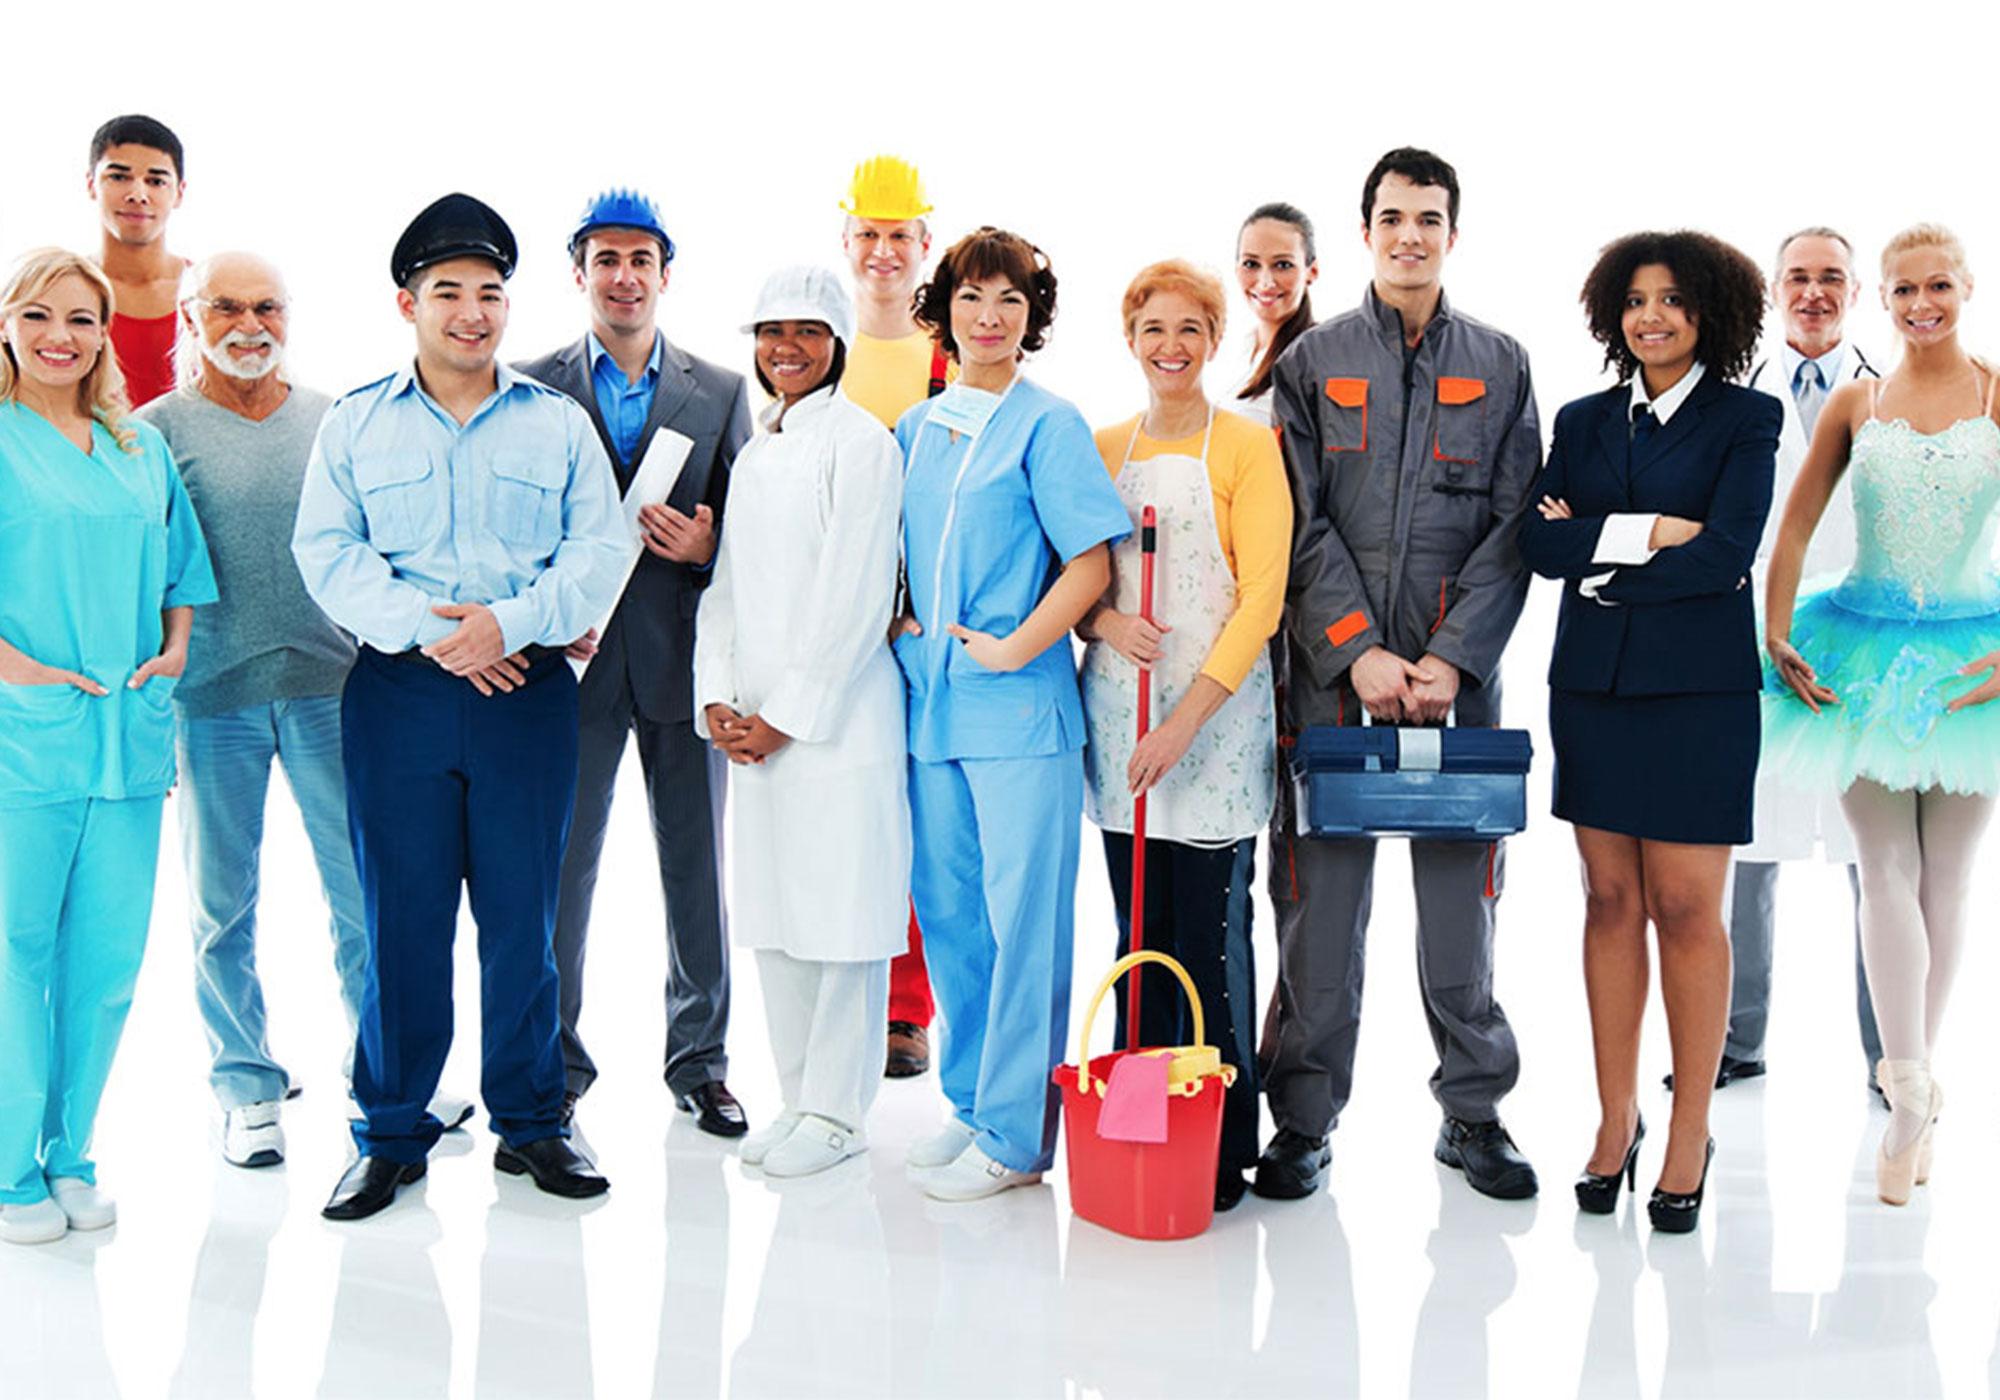 Les professions les plus en demande au Canada